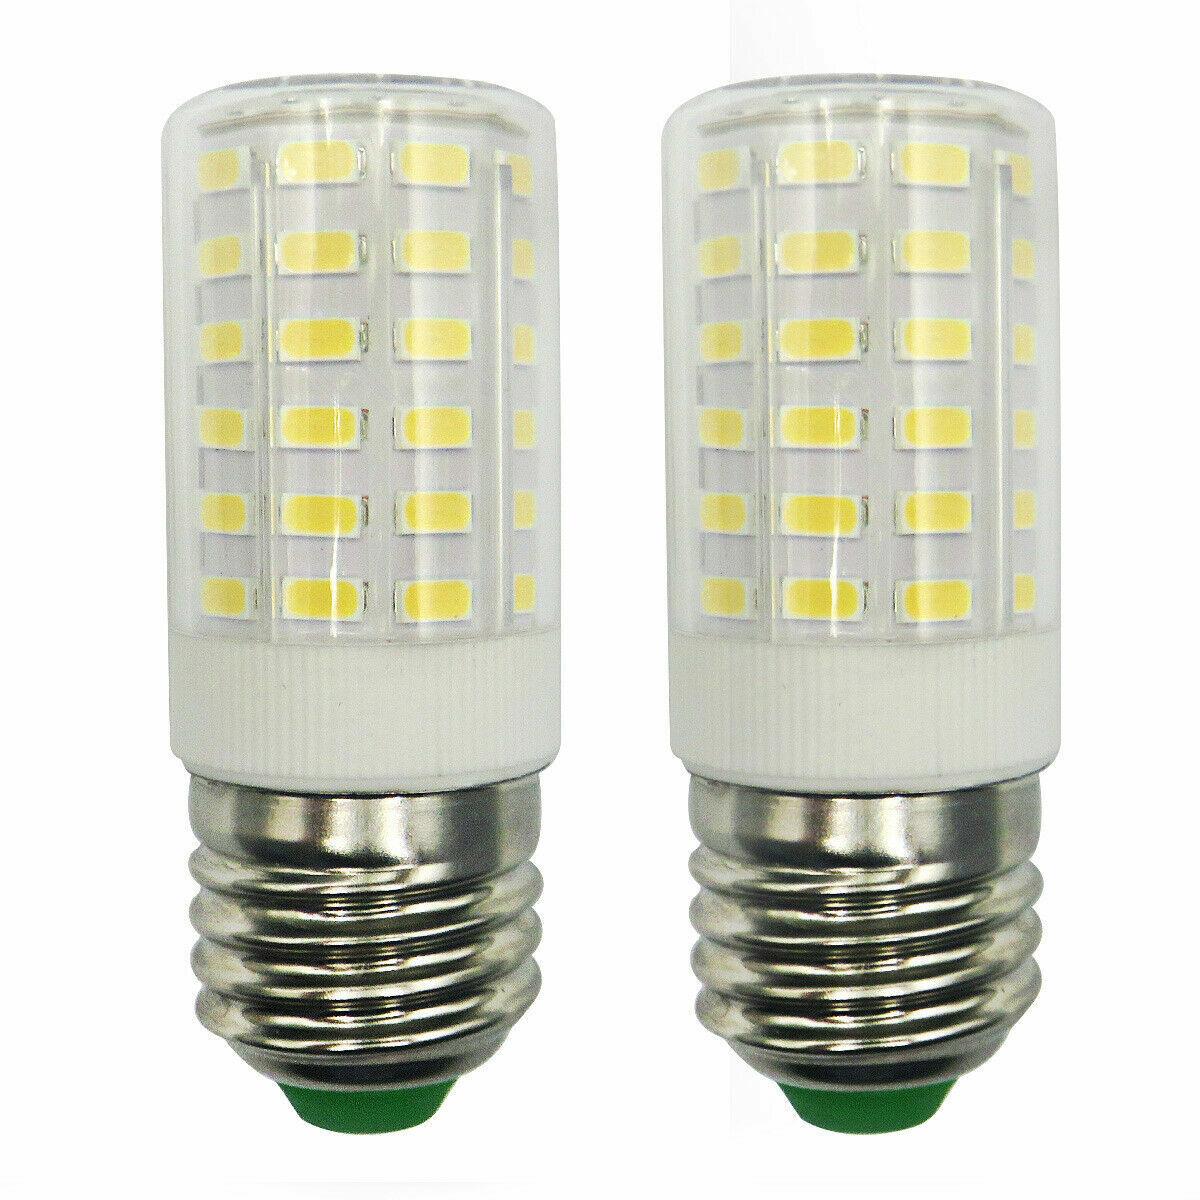 2pcs E27/E26 LED Light Bulb 66-5730 Ceramics Corn Lights 120